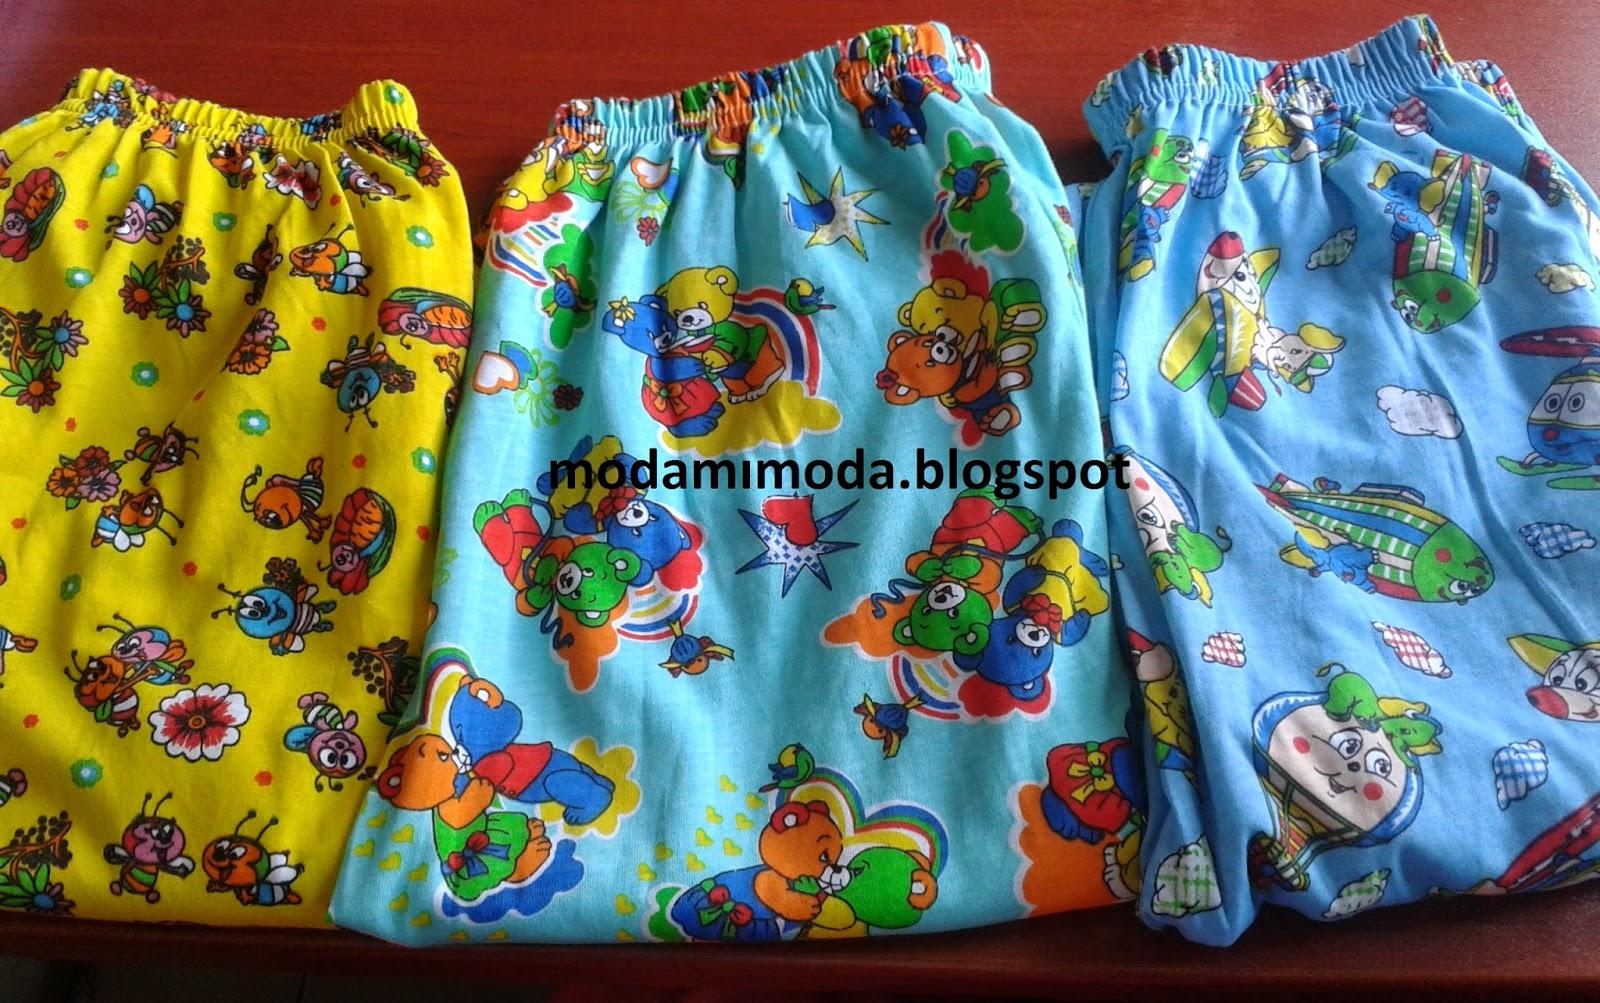 sevimli pijamalar